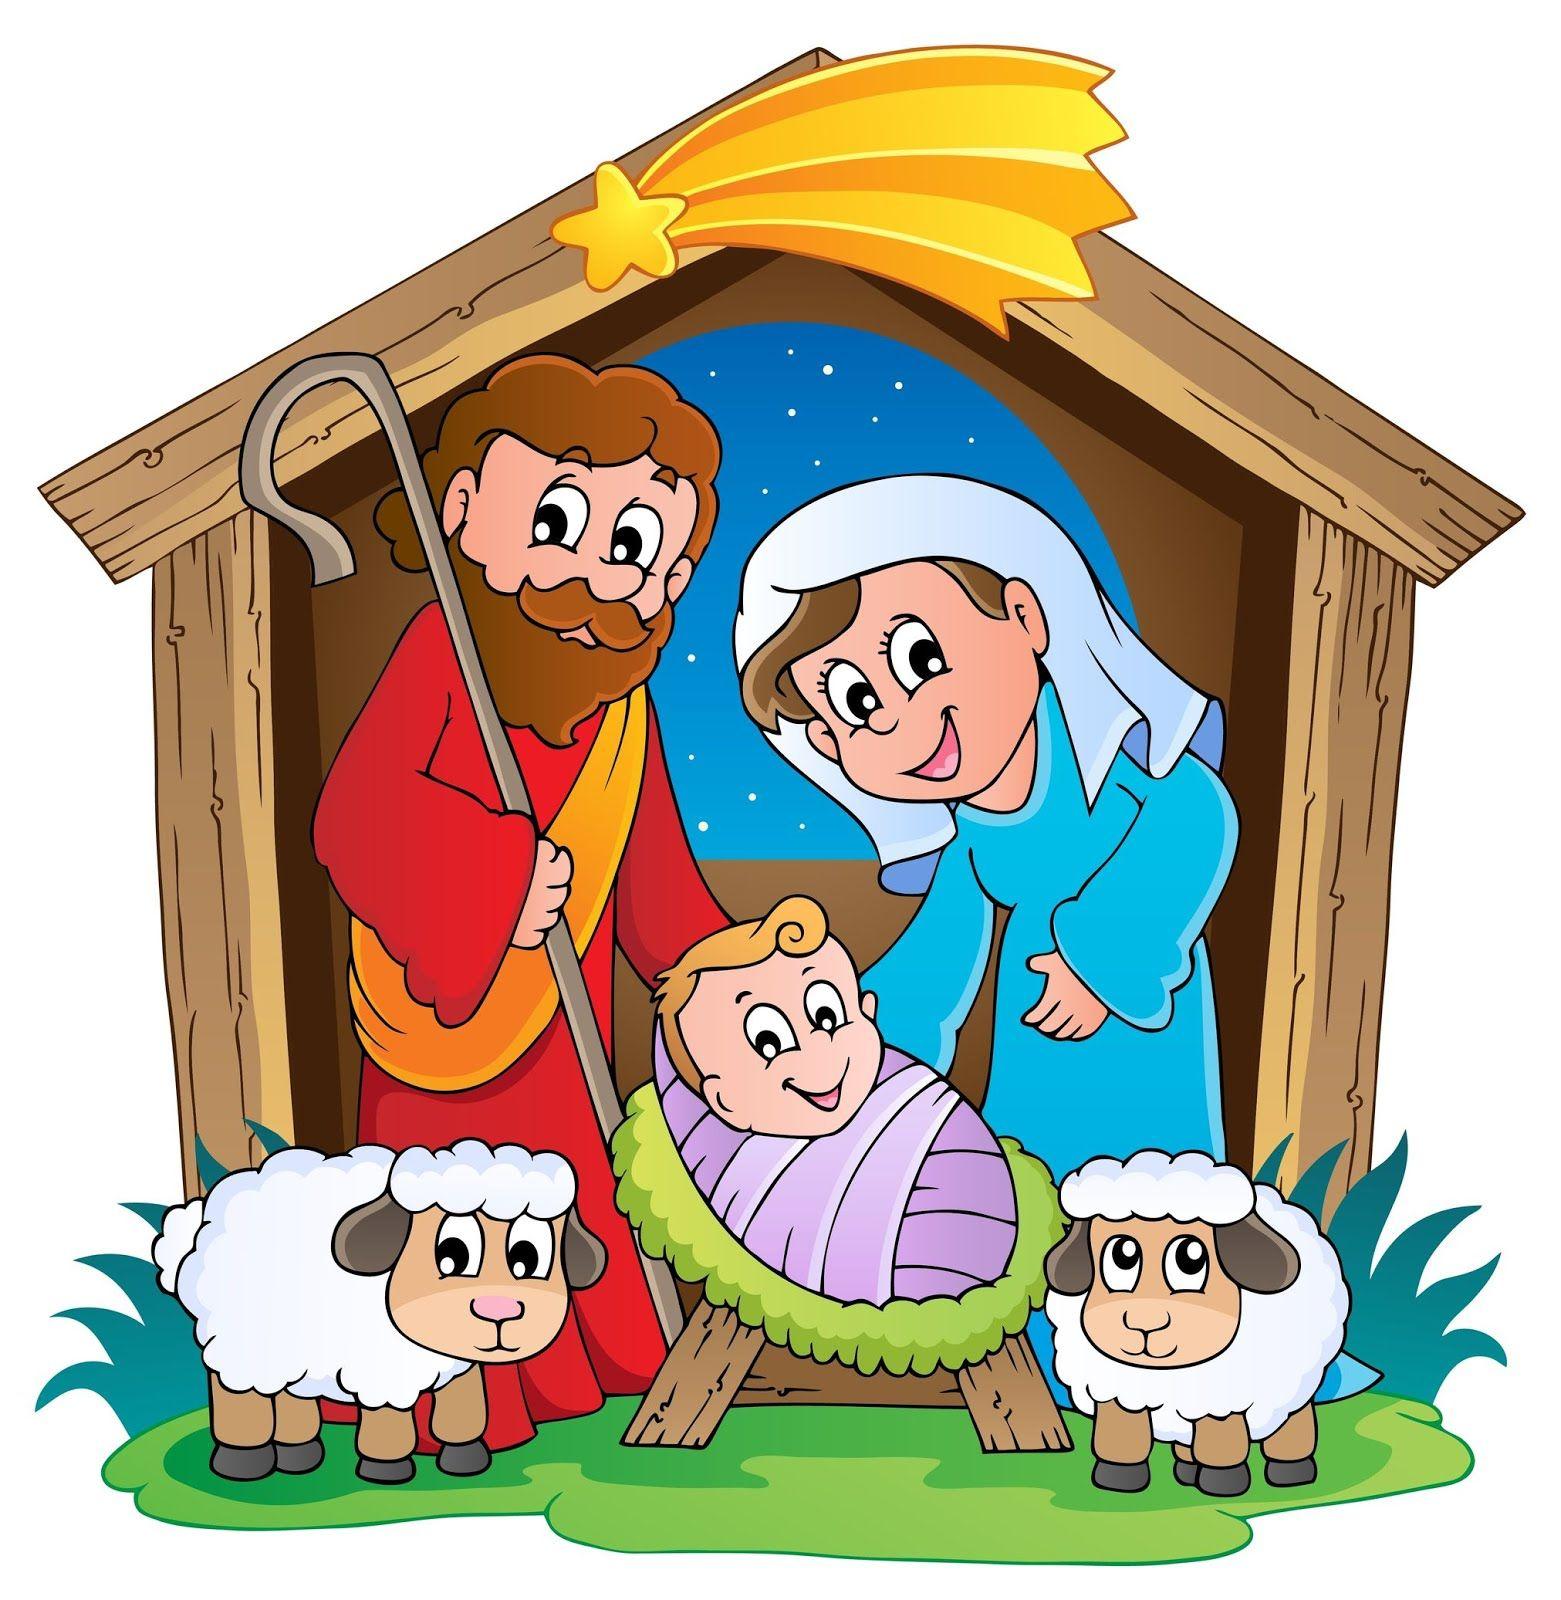 Pin By Lorena On Nacimientos De Navidad Christmas Nativity Scene Nativity Scene Pictures Nativity